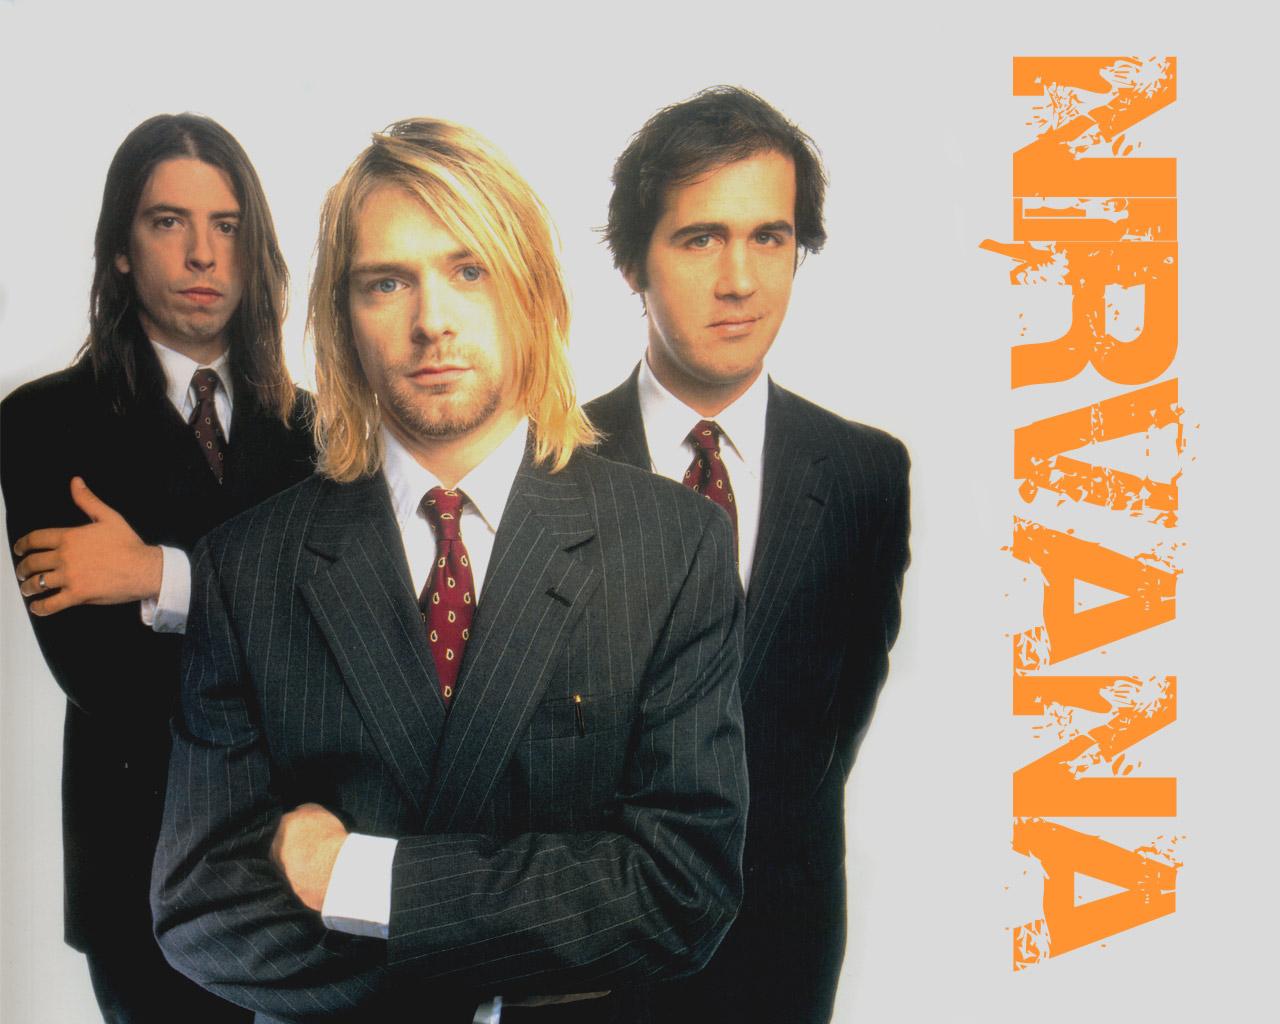 http://3.bp.blogspot.com/_0J_Bf18P0qA/TO6wURkDAyI/AAAAAAAAAZo/PU-4cniOWNA/s1600/Nirvana-Wallpapers21.jpg